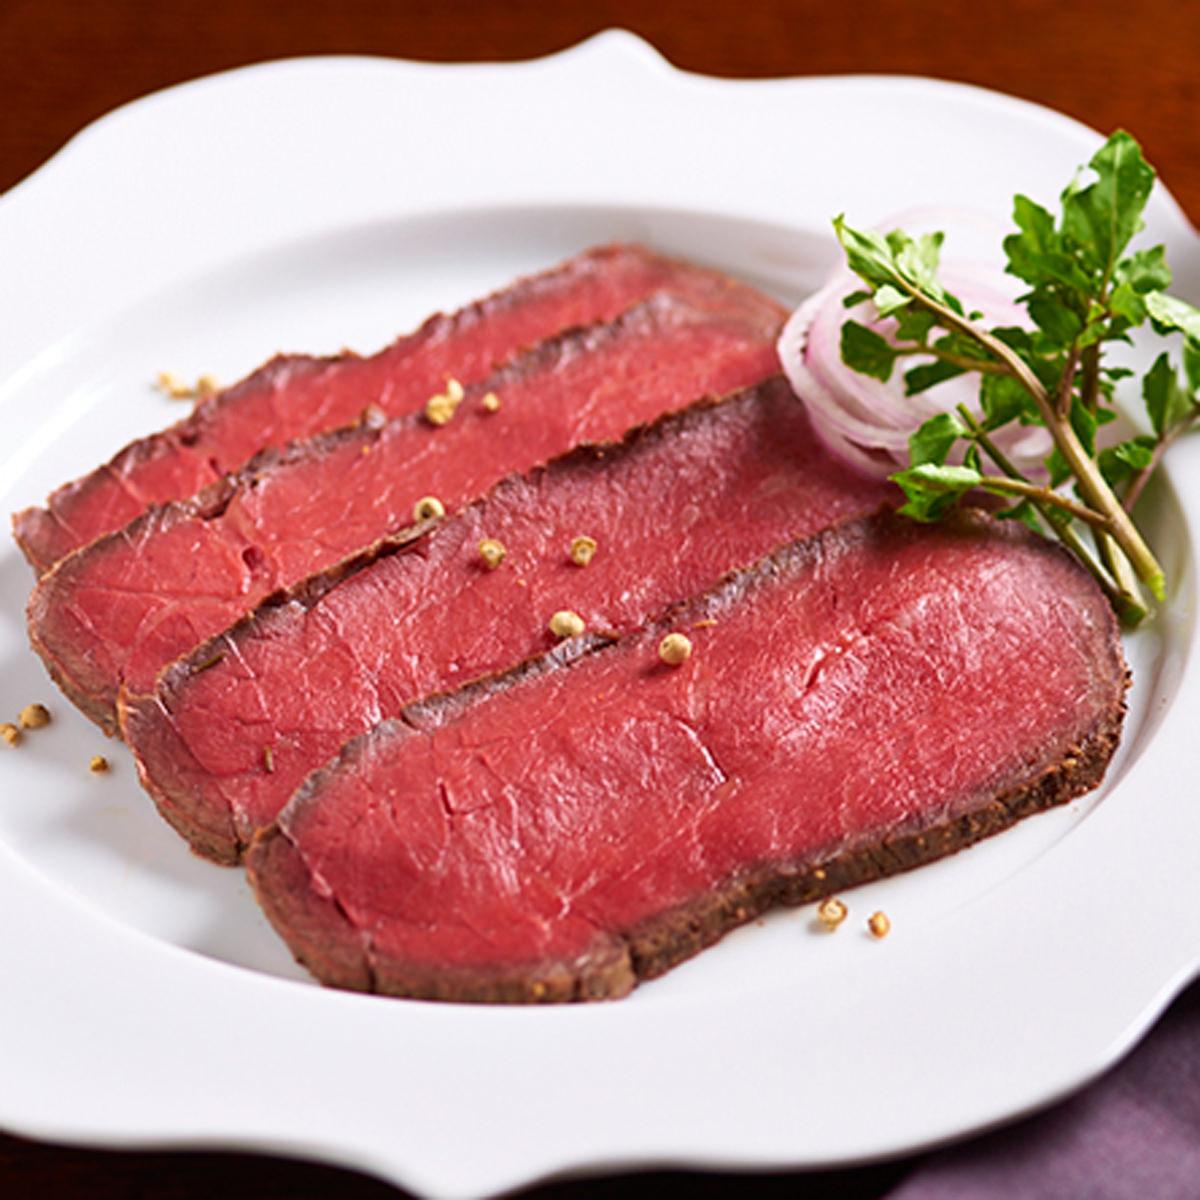 さの萬 冷蔵 さの萬牛 熟成ローストビーフ 桐箱 風呂敷包み〔モモ肉300g・生わさび・自家製ソース〕